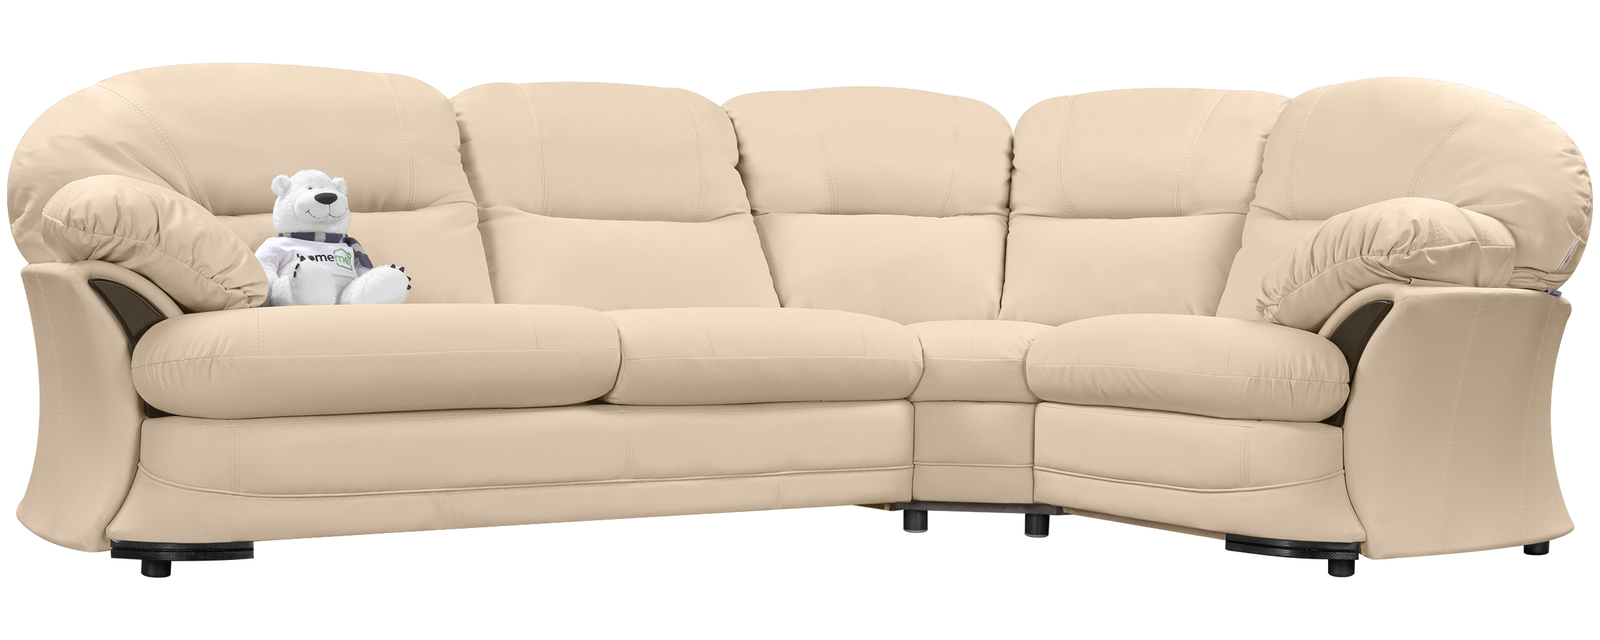 купить диван кожаный угловой ланкастер бежевый натуральная кожа